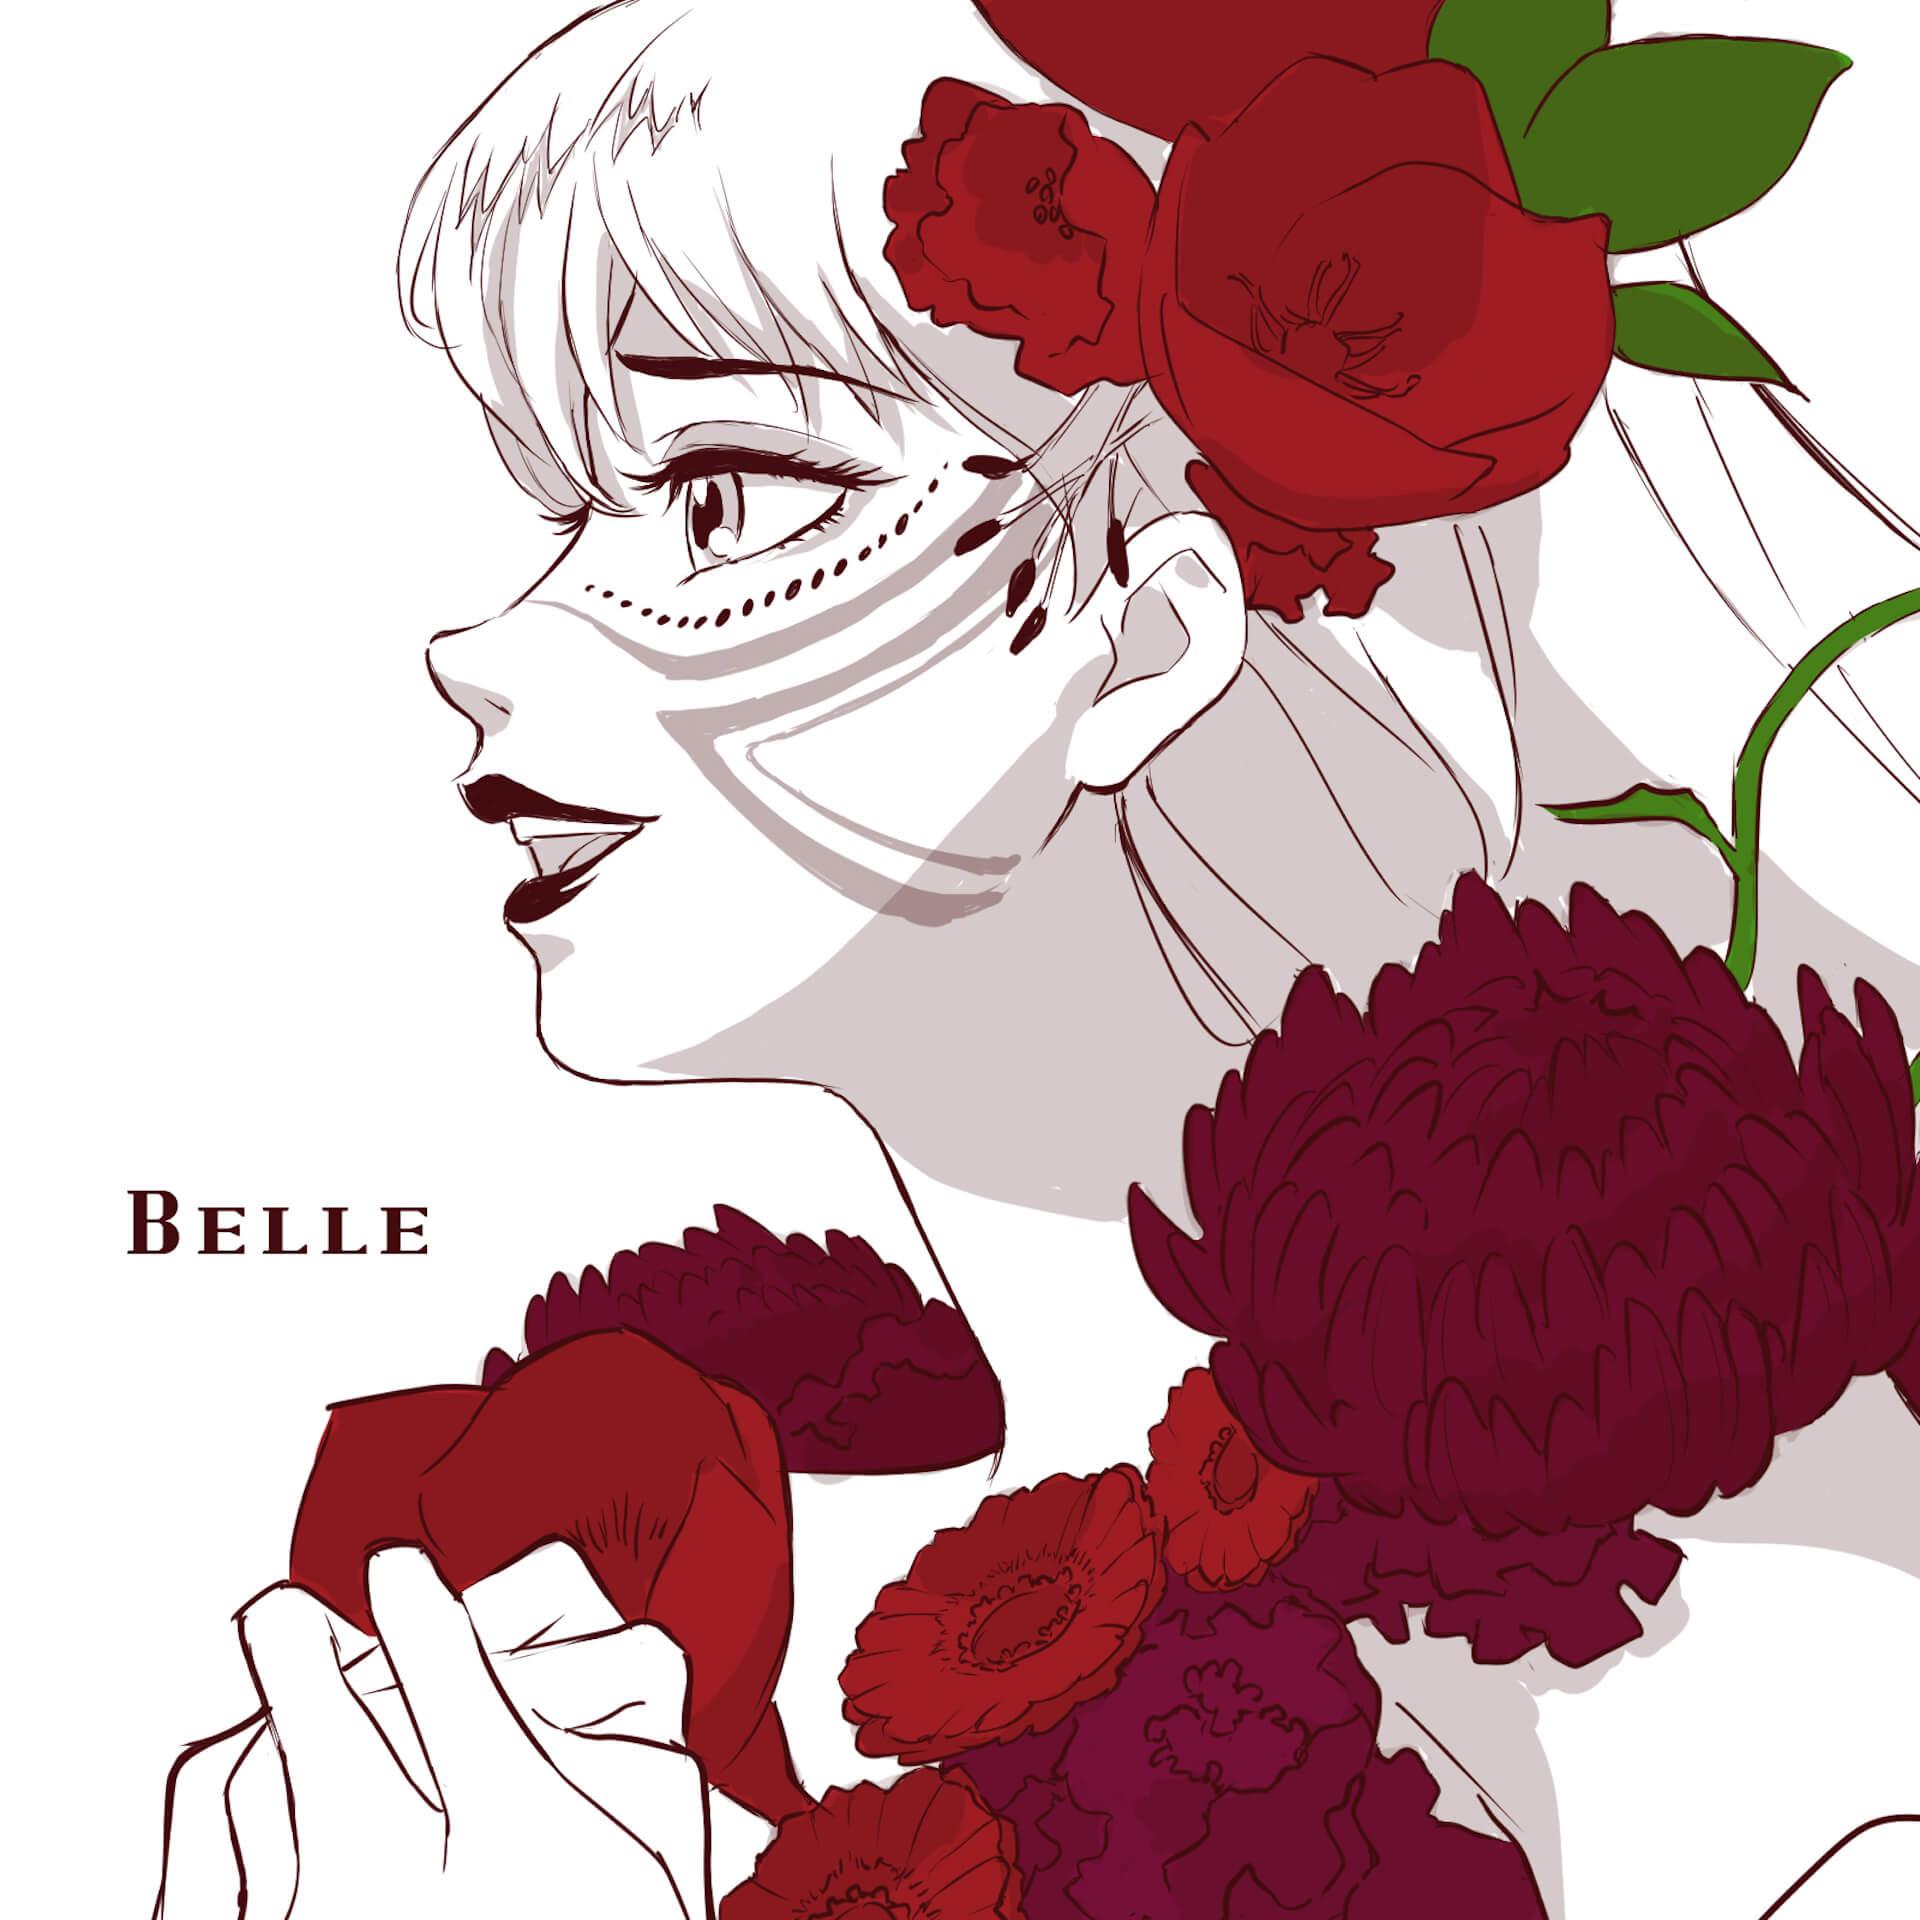 """『竜とそばかすの姫』でBelleを演じる中村佳穂による劇中歌""""歌よ""""が先行配信スタート!MVも同時公開 music210716_belle_millenniumparade_3"""